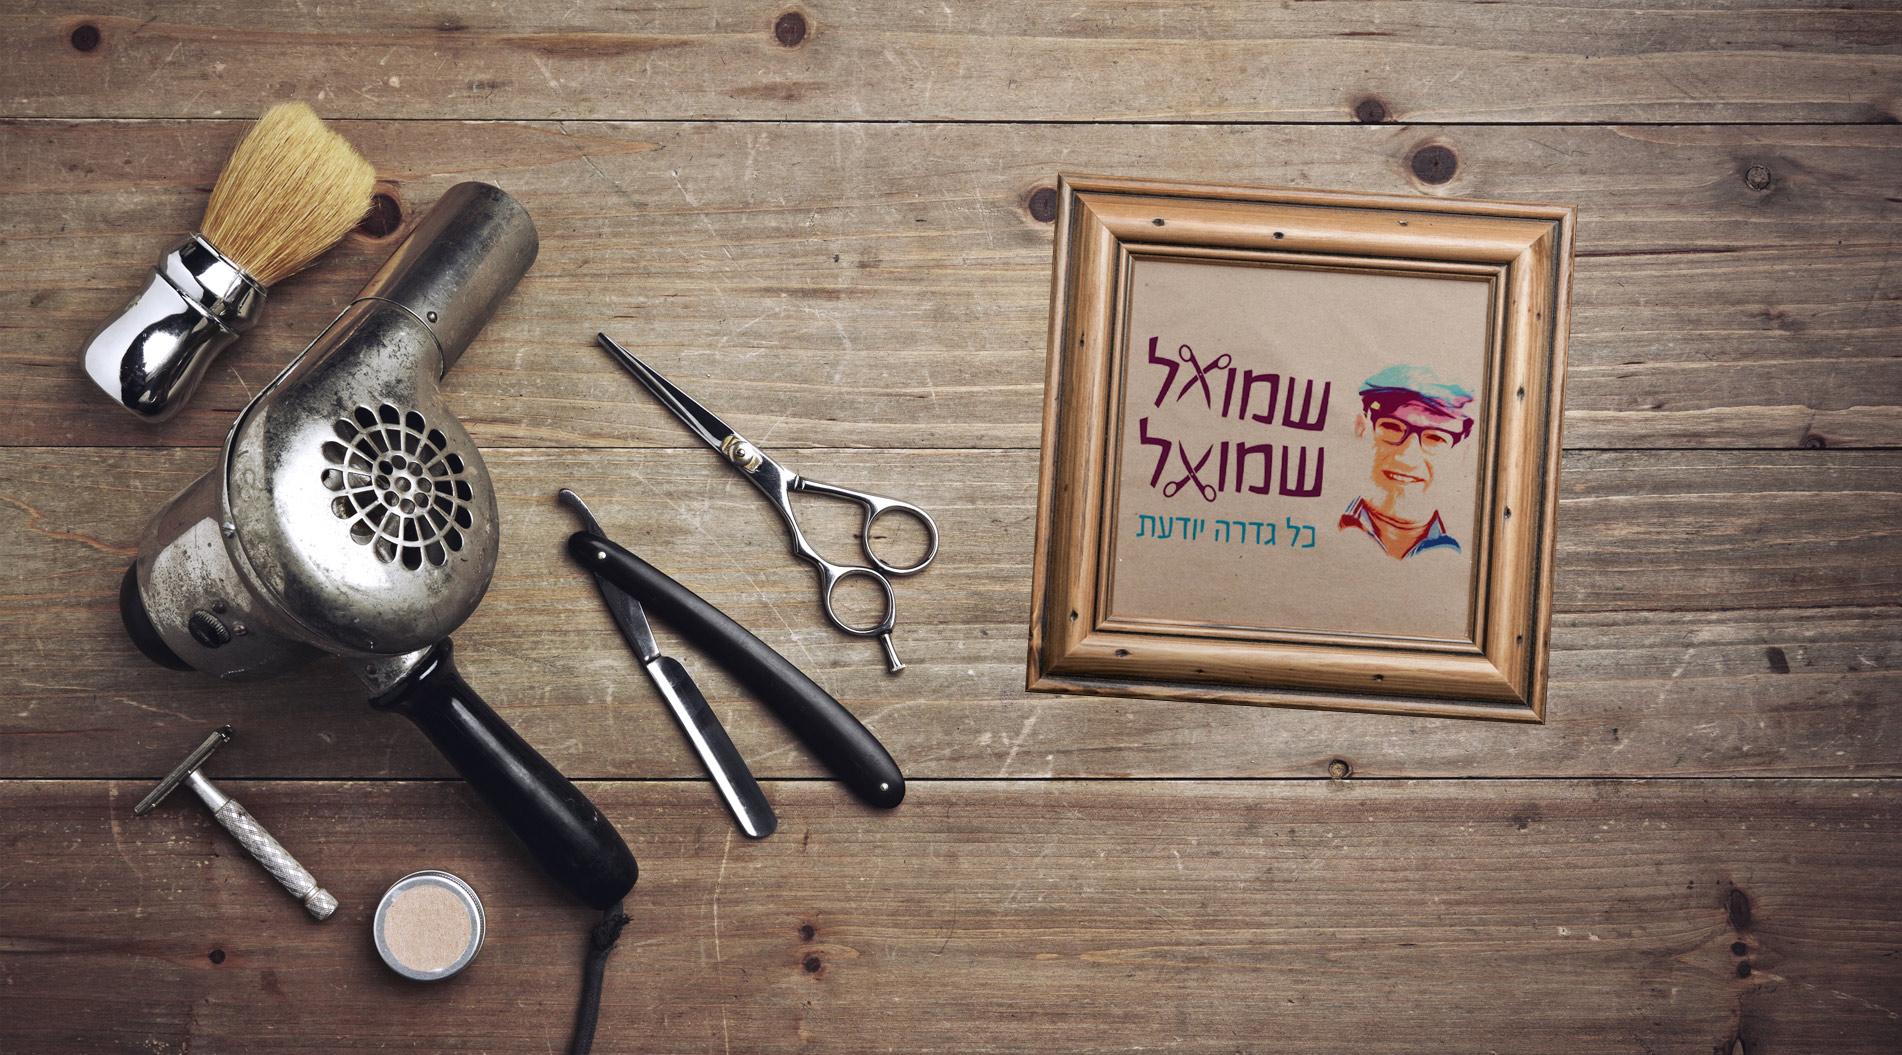 דביר מותגים - שמואל שמואל